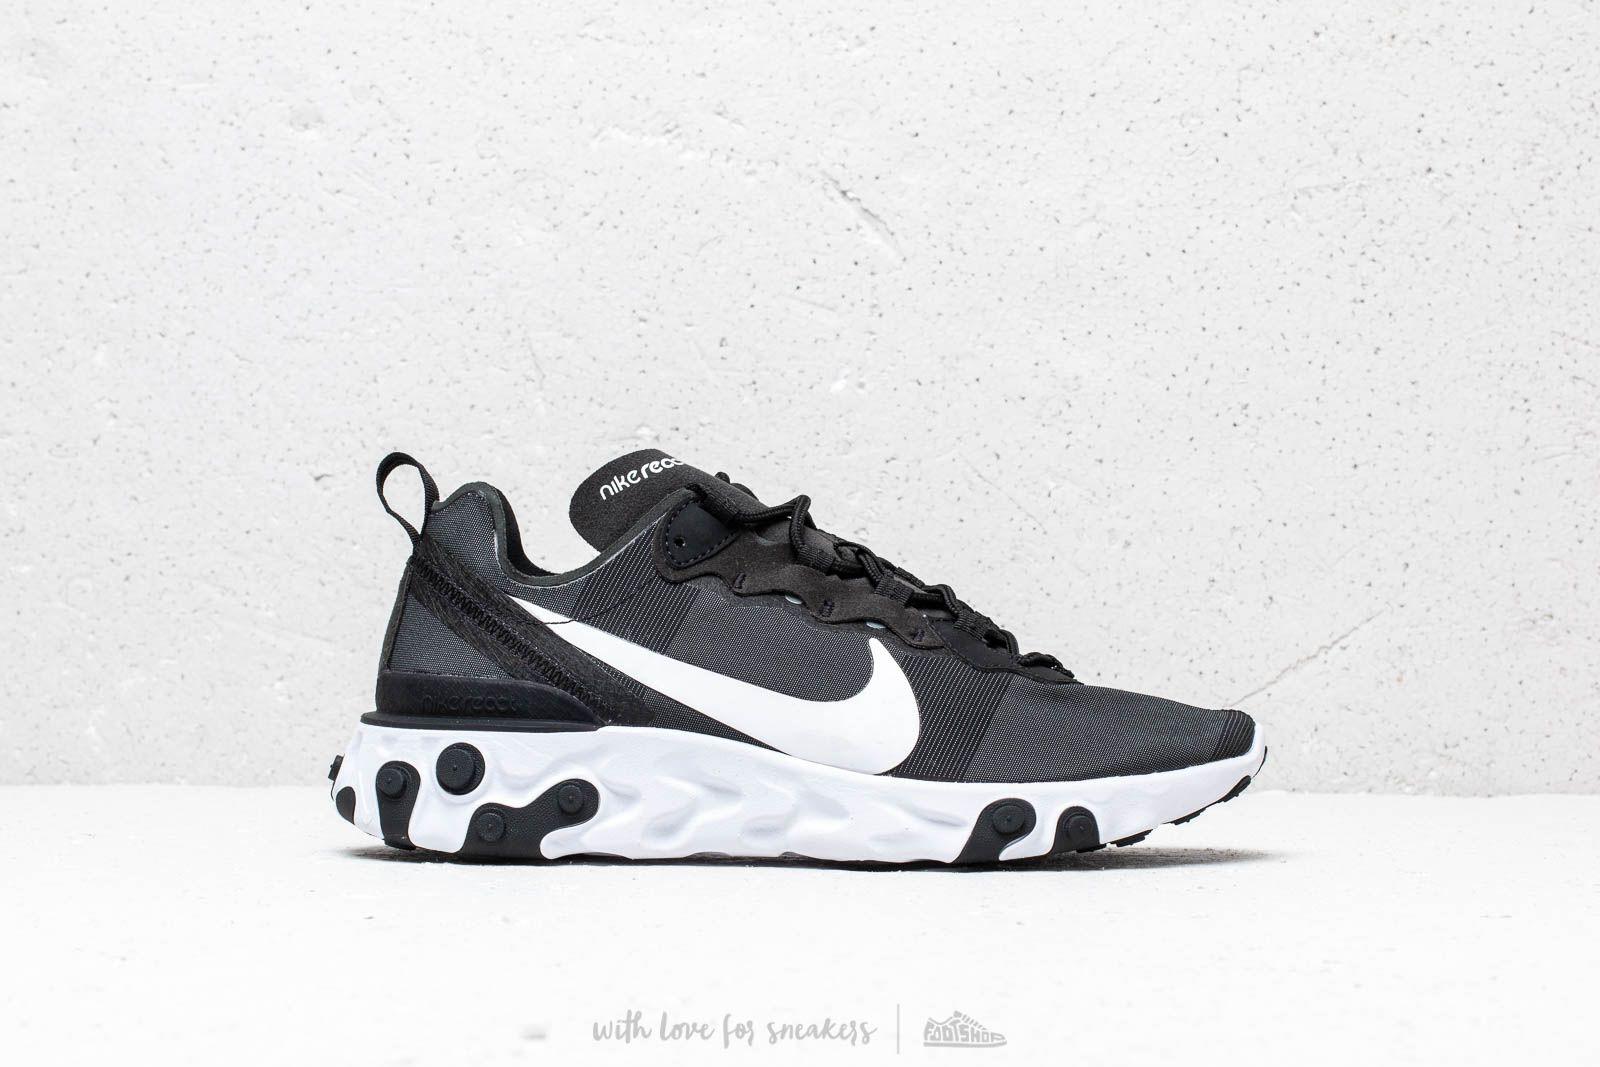 6cd2481f1ba Nike React Element 55 Black  White a muy buen precio 122 € comprar en  Footshop